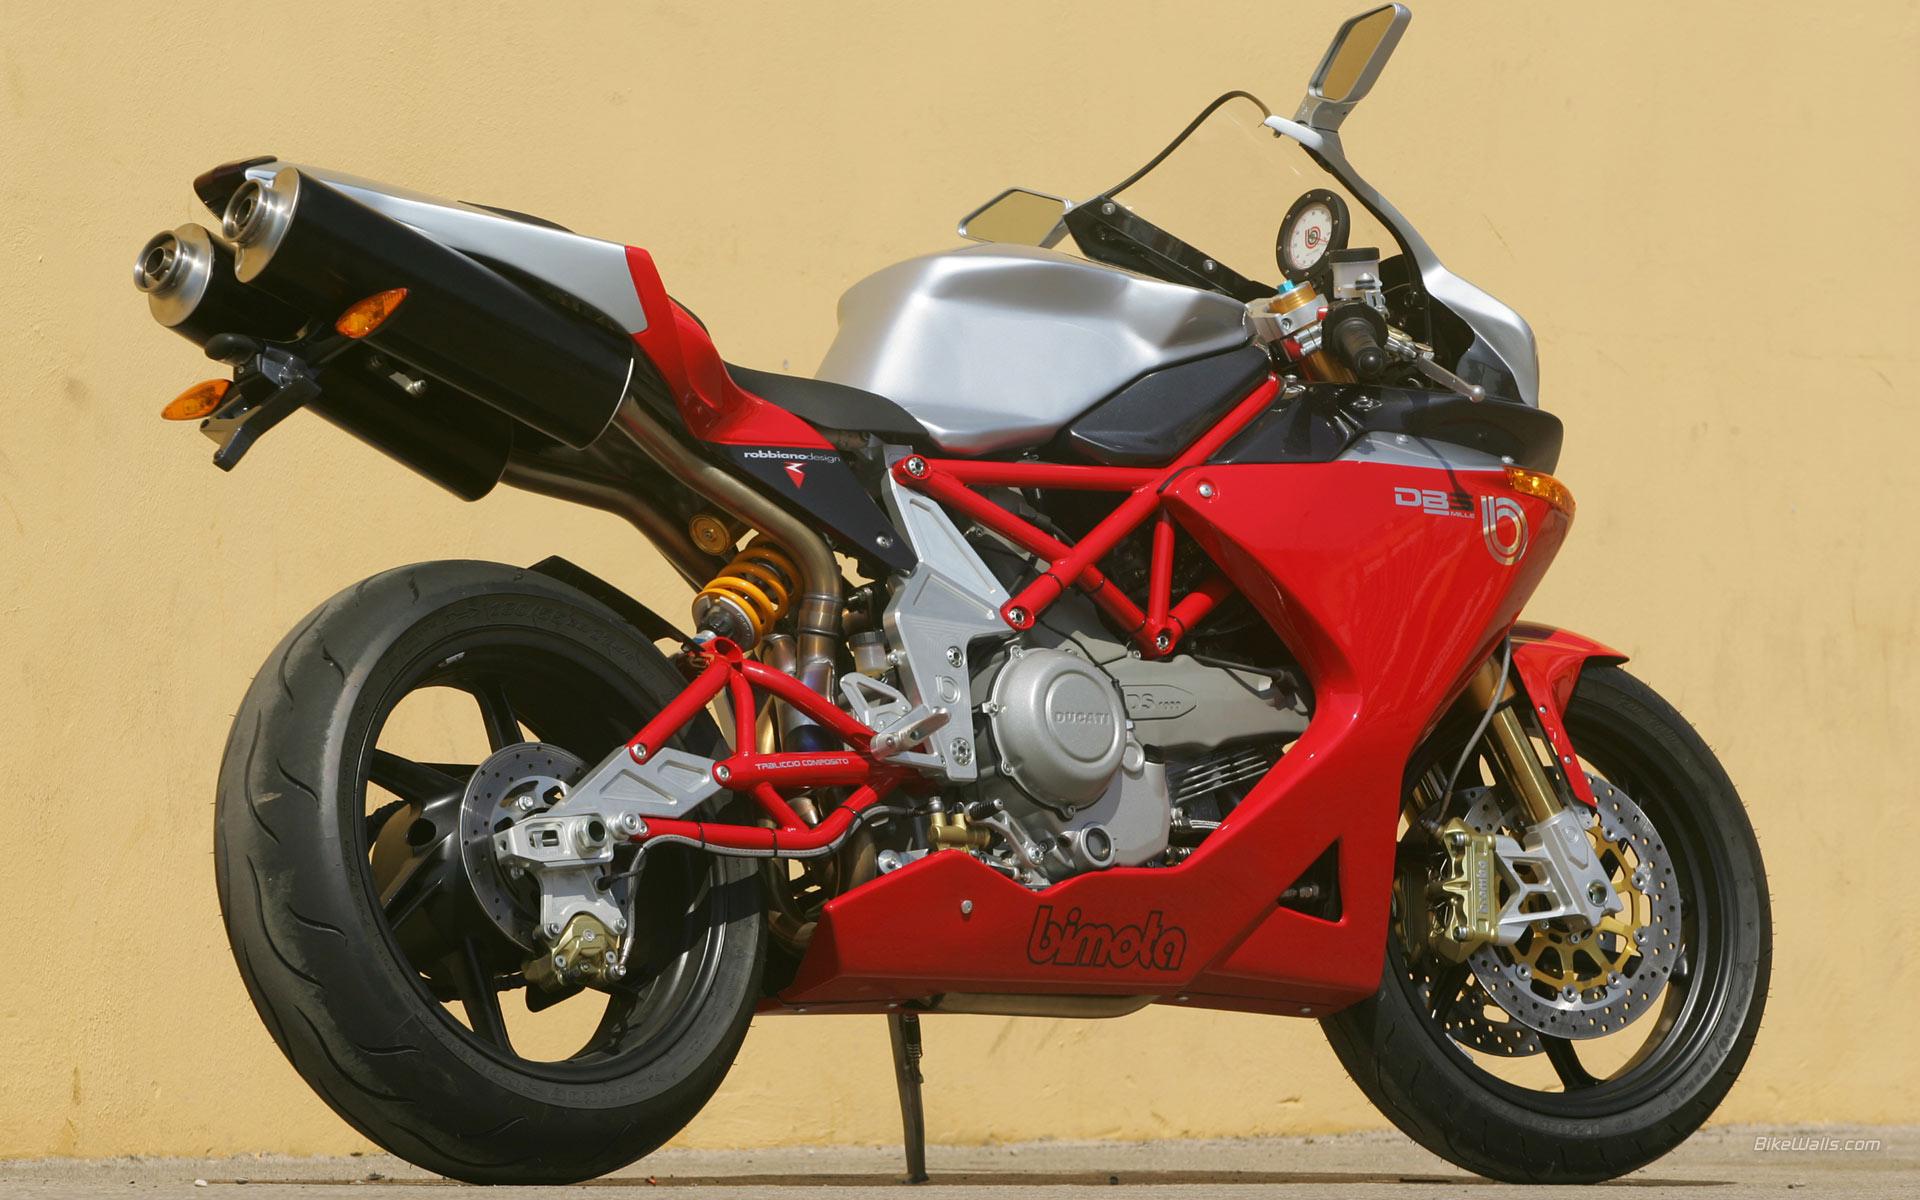 Bimota 1000 DB5 2006 - 1